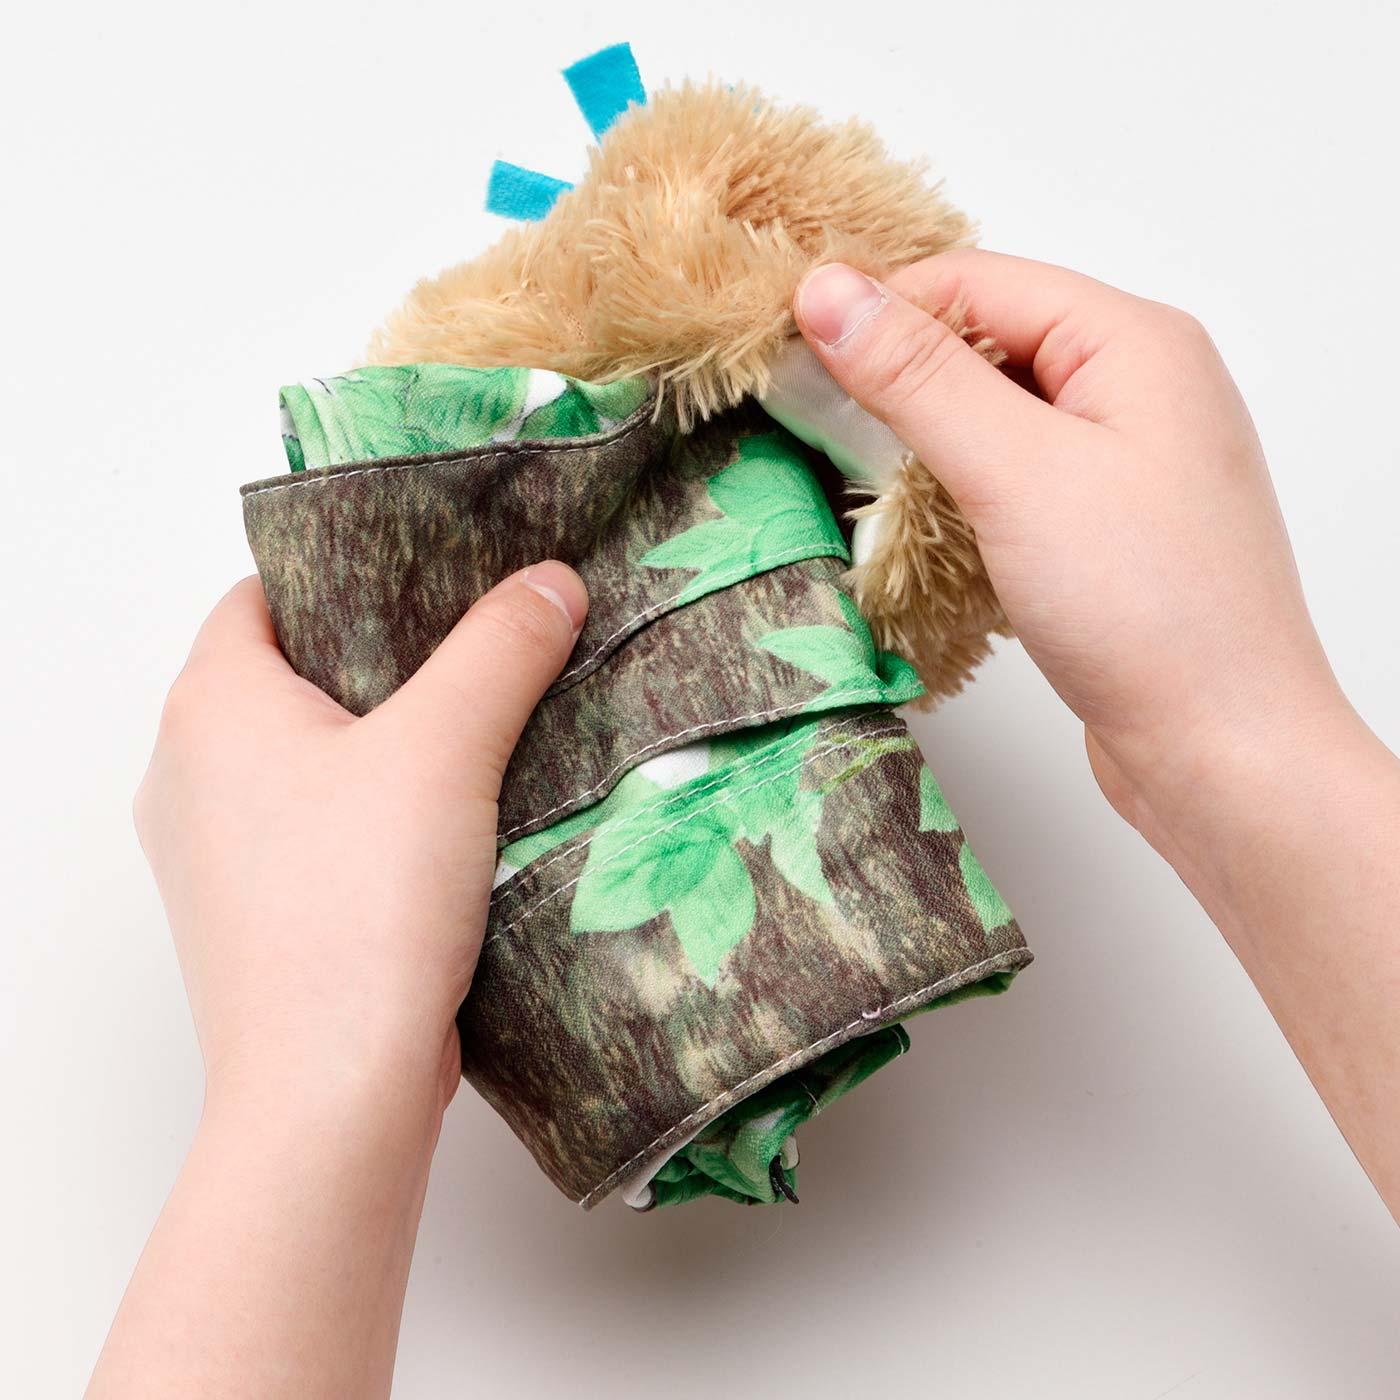 小鳥の裏側にバッグをしまい込んで…… ※小鳥とバッグはくっついています。